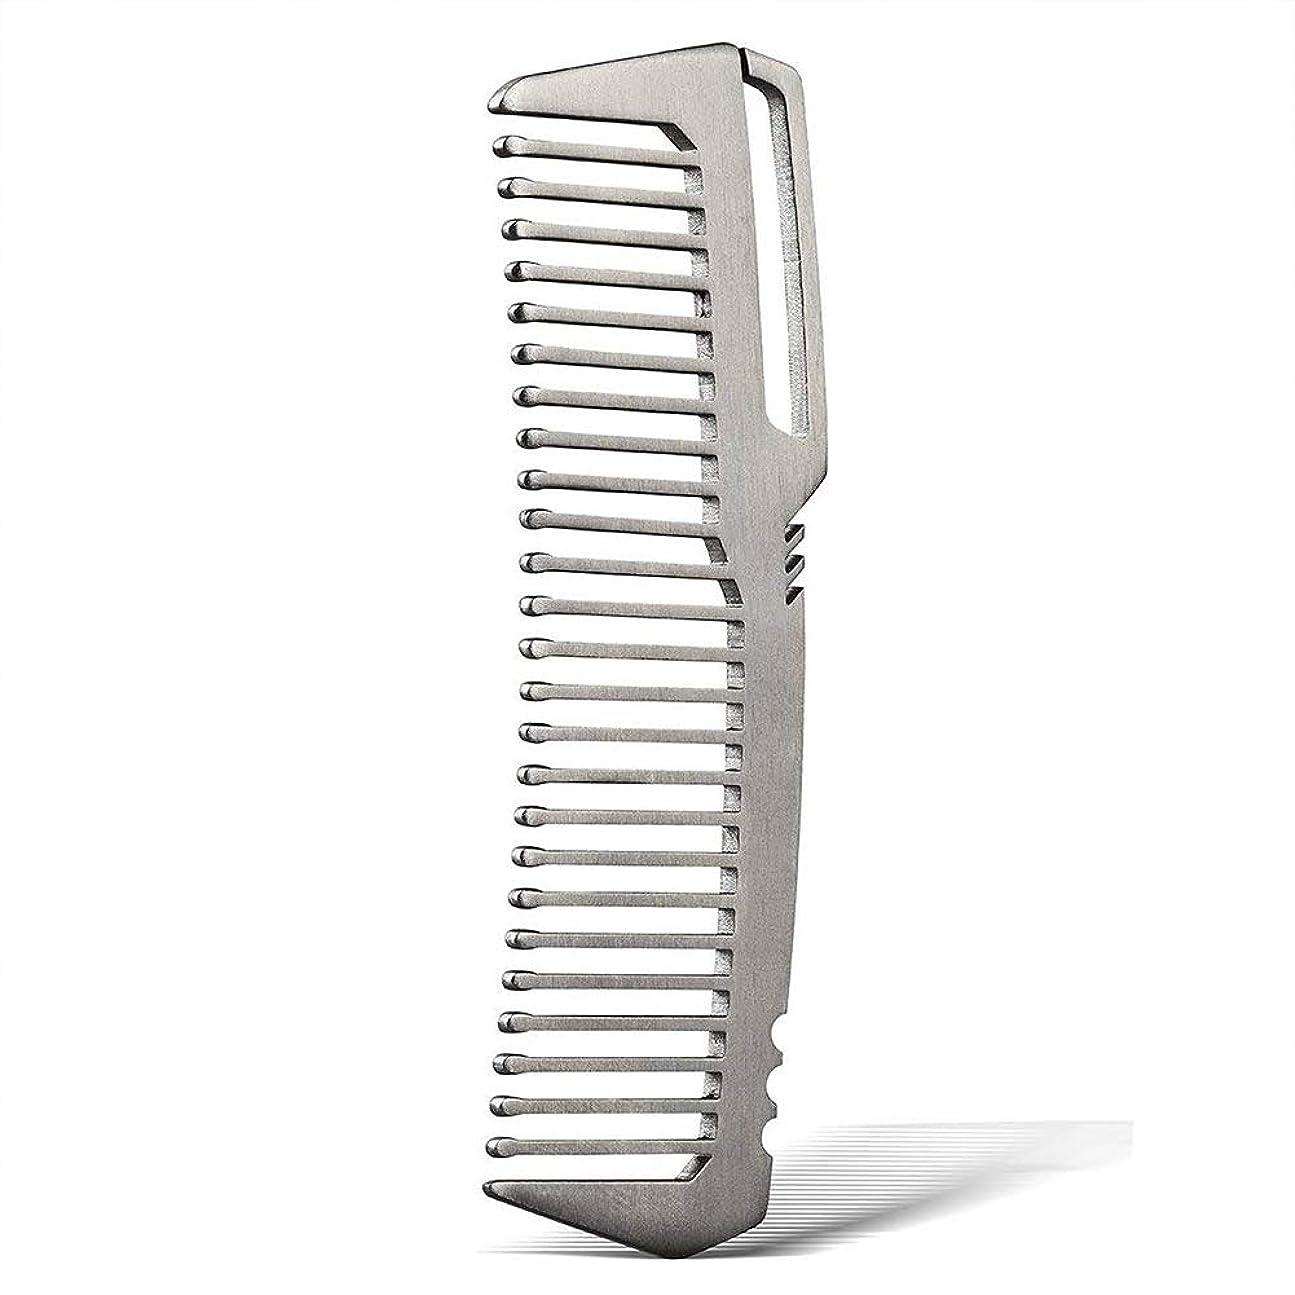 代理店突然腸ヘアコーム 軽量携帯型コーム 手作り櫛 チタン製ミニヘアコーム 静電気防止可能 ポケットに収納可くし 高級エコ 耐久性あり 10㎝